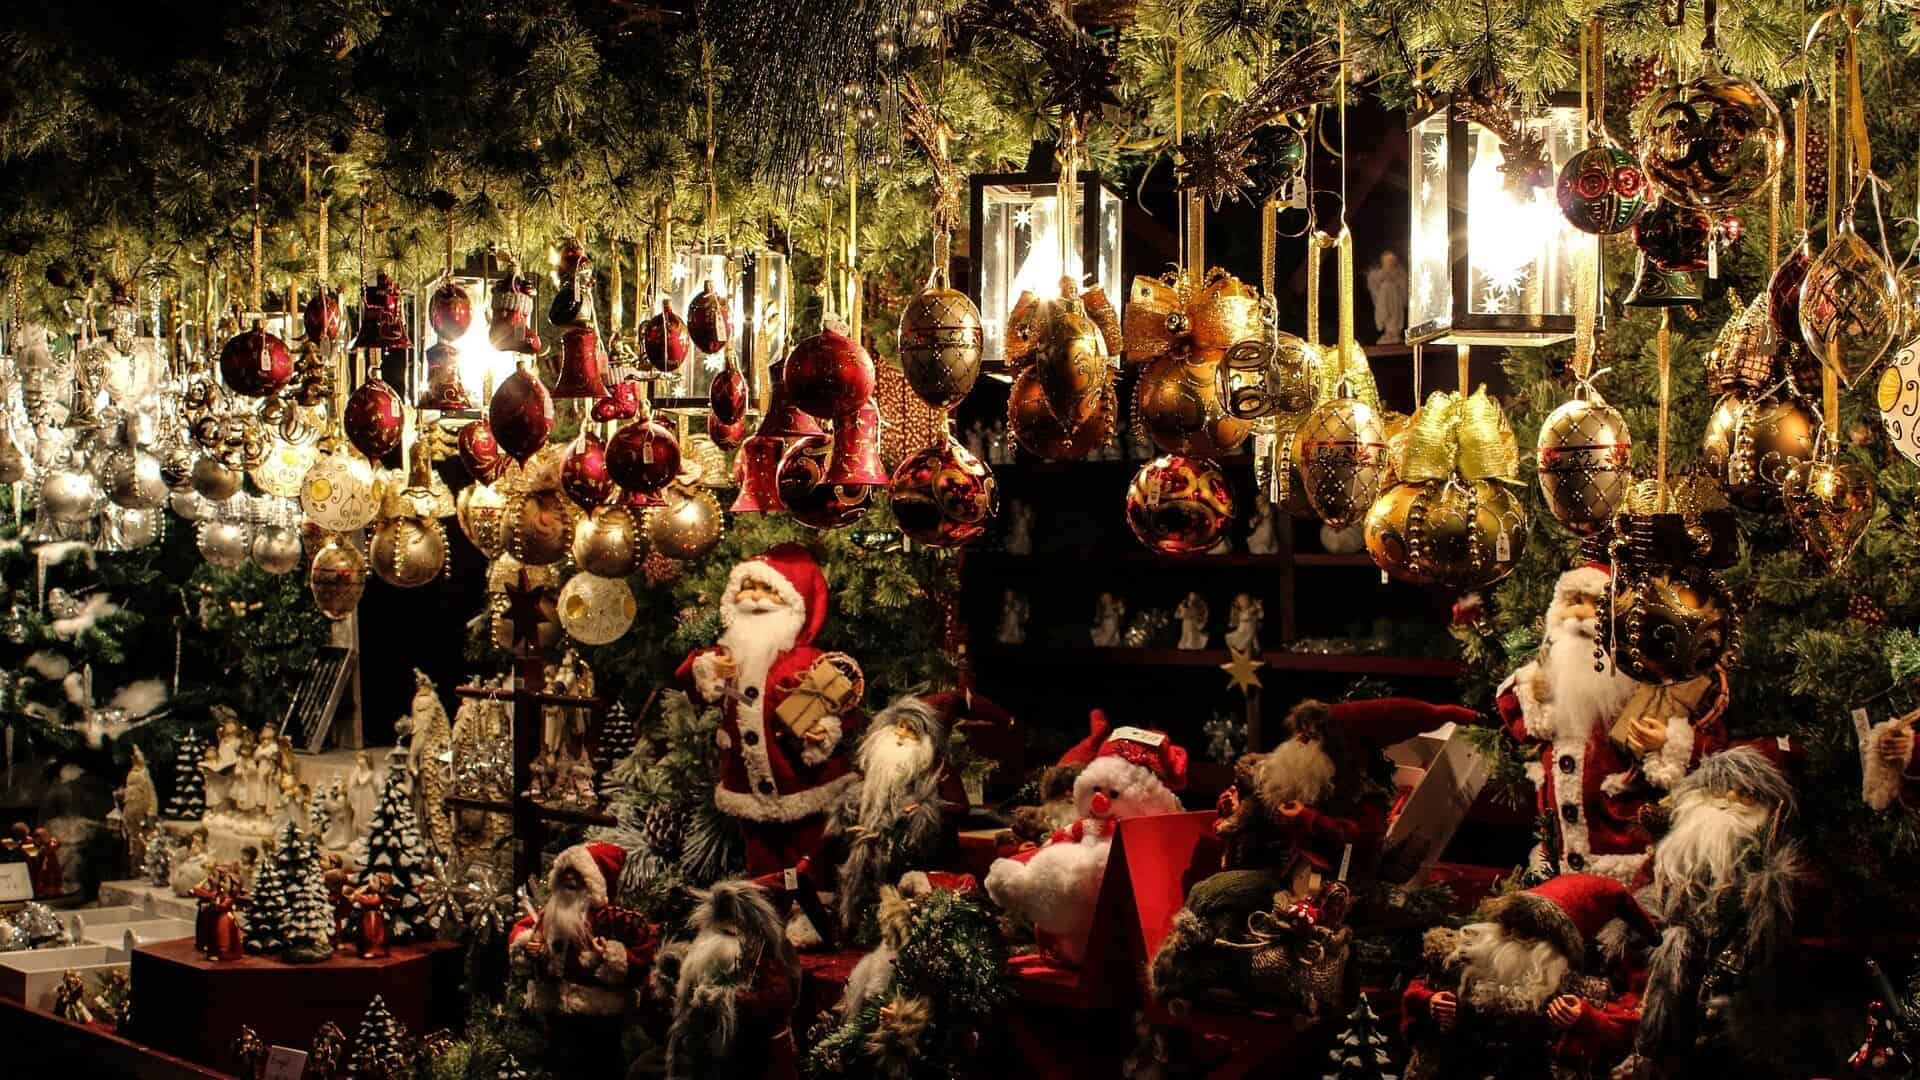 Weihnachtsmarkt Ende.Weihnachtsmarkt Straßburg Der Schönste Weihnachtsmarkt Europas